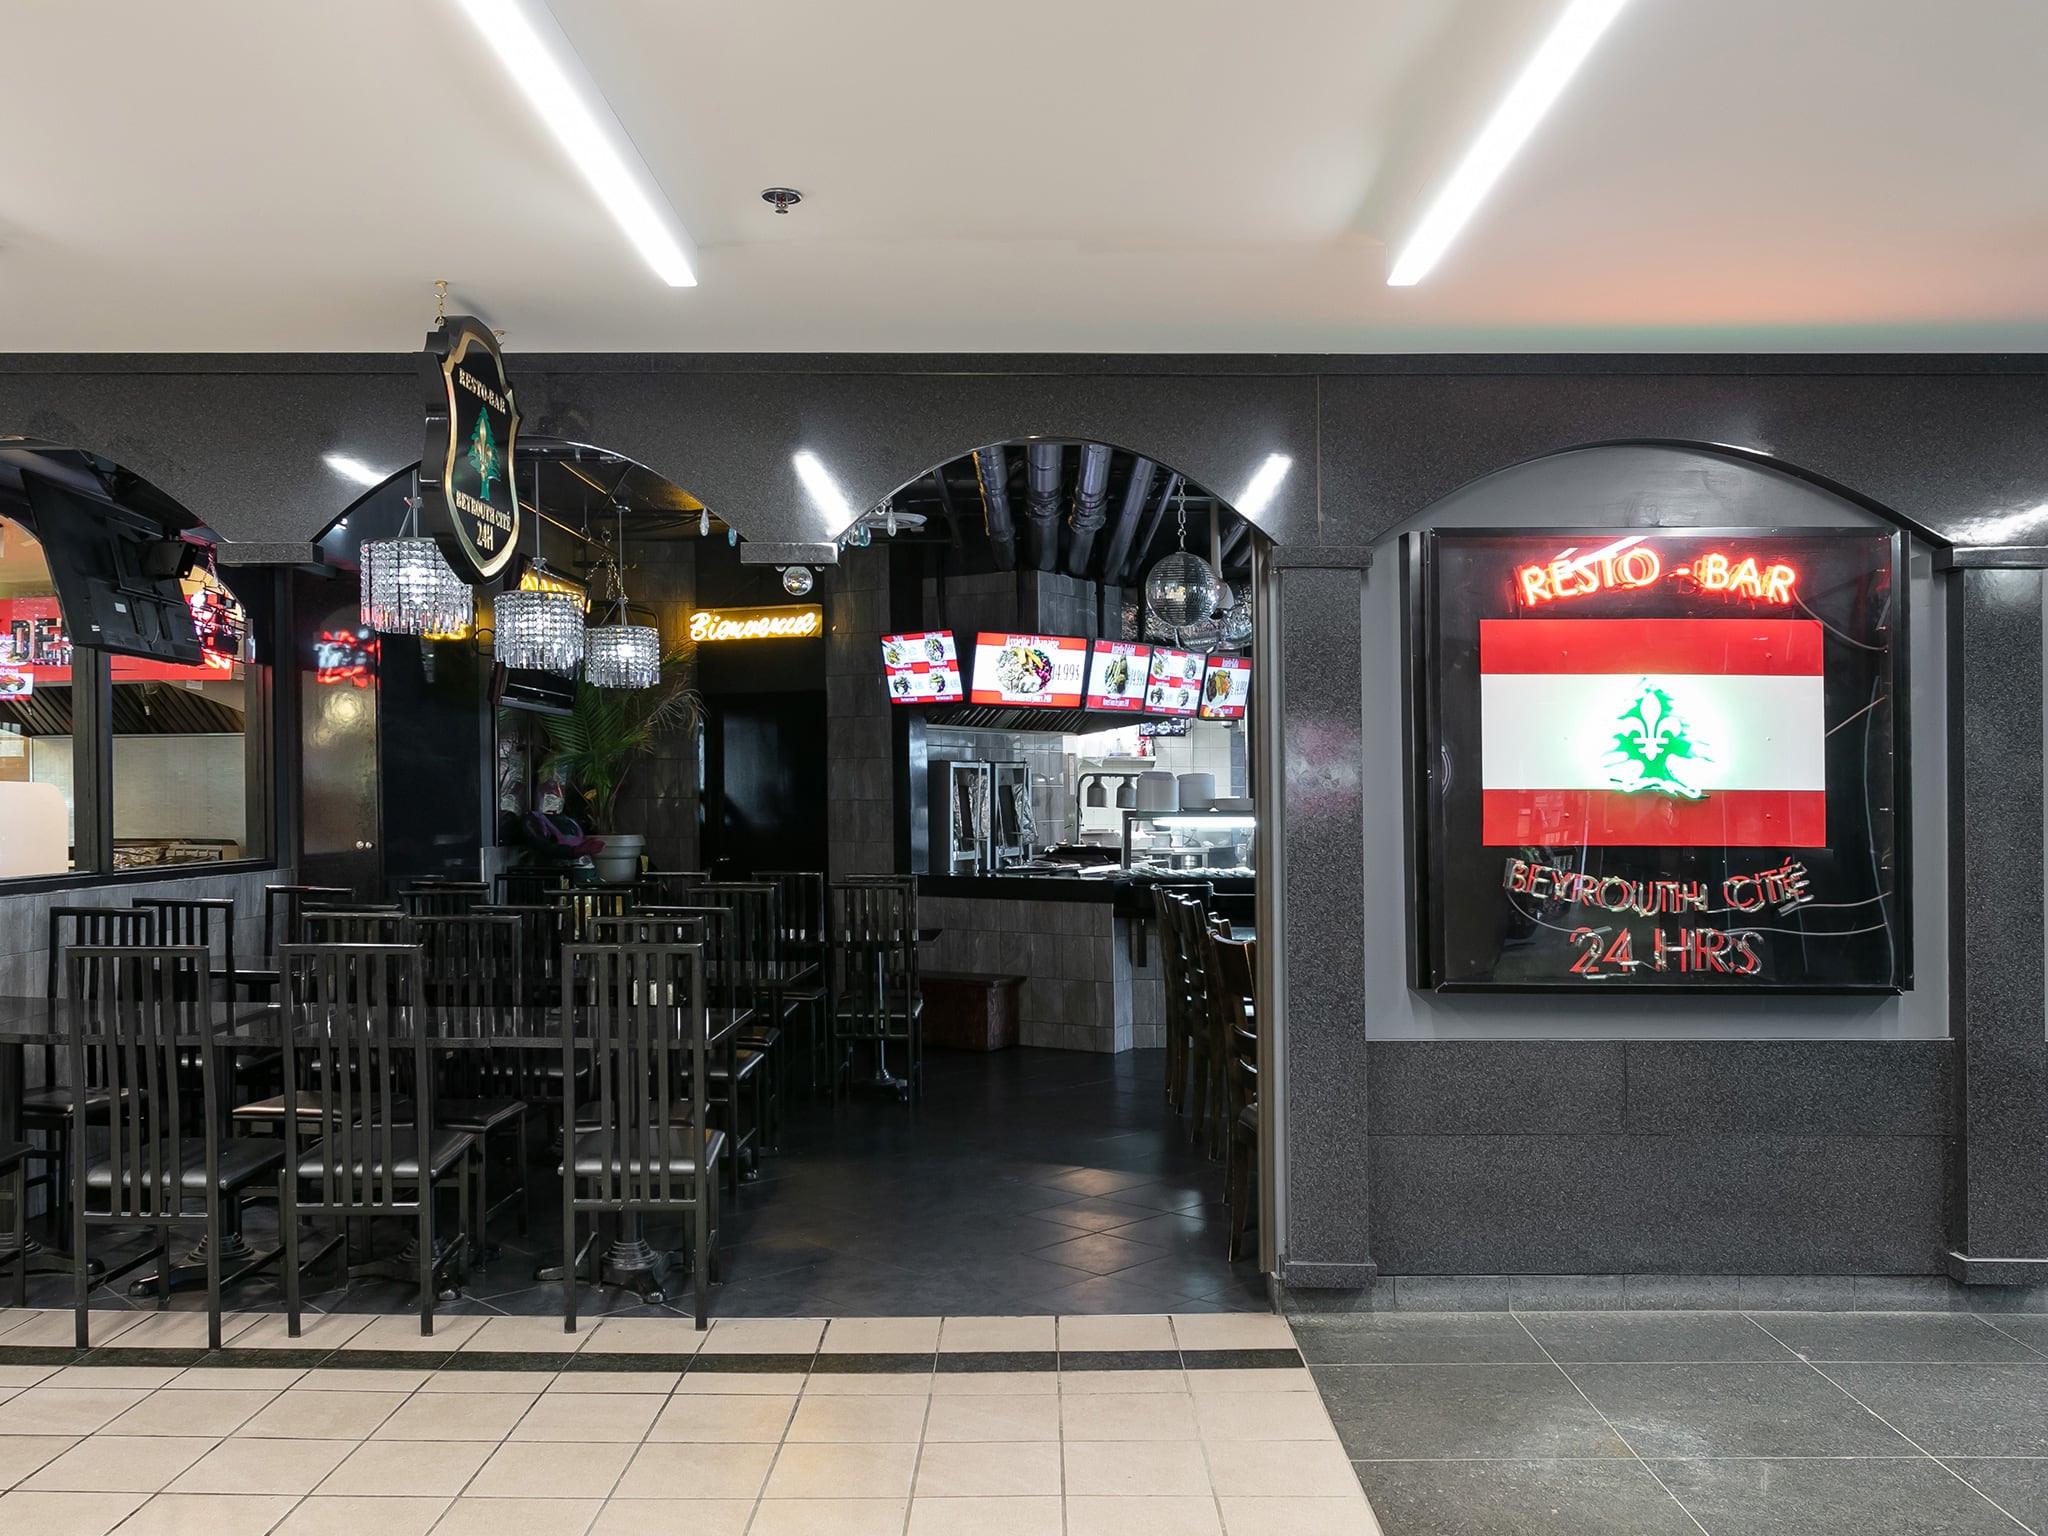 Beyrouth Cité | Place de la Cité